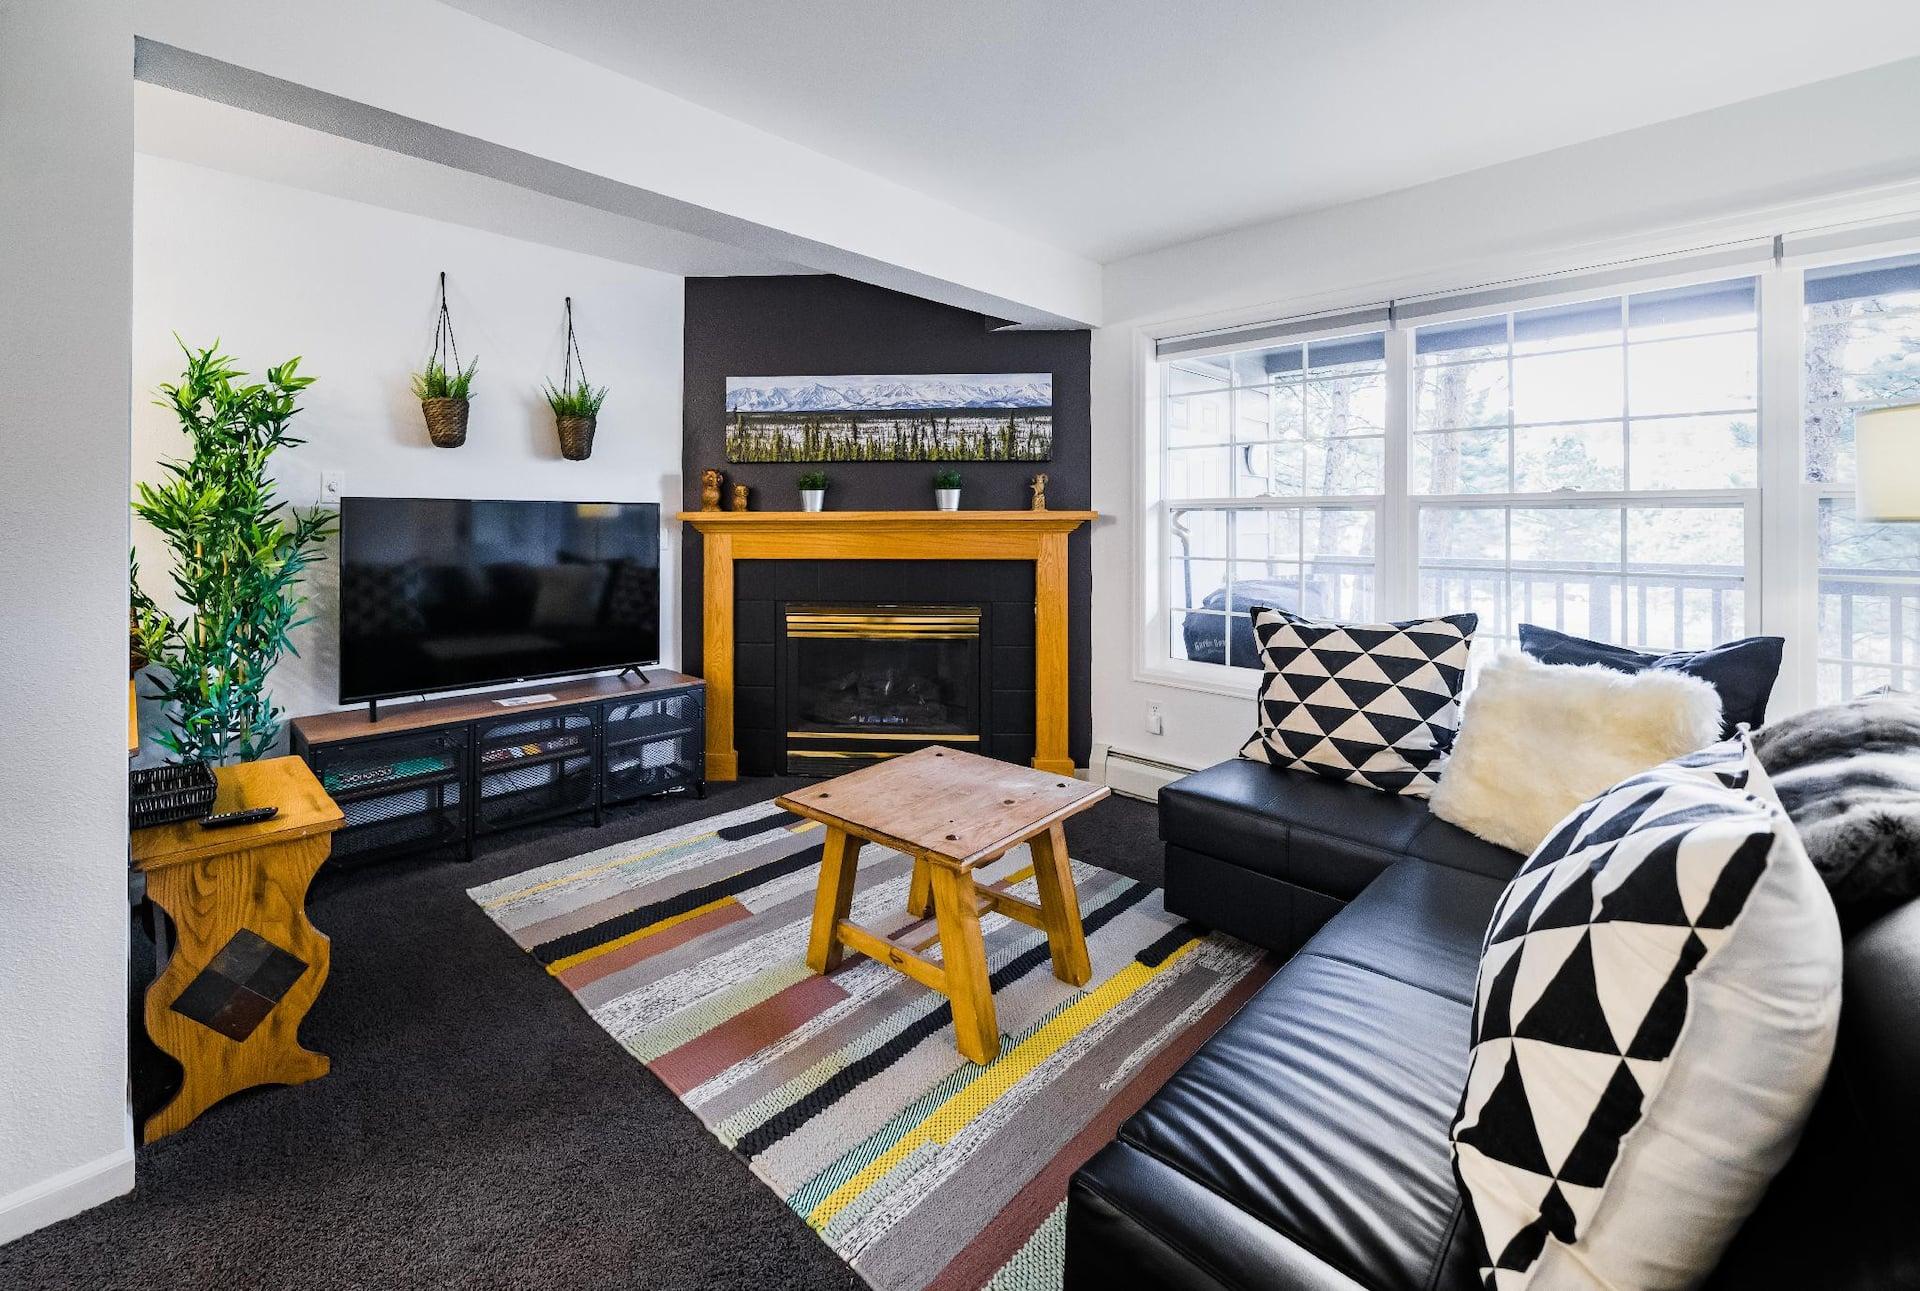 Best Airbnb in Estes Park, Colorado